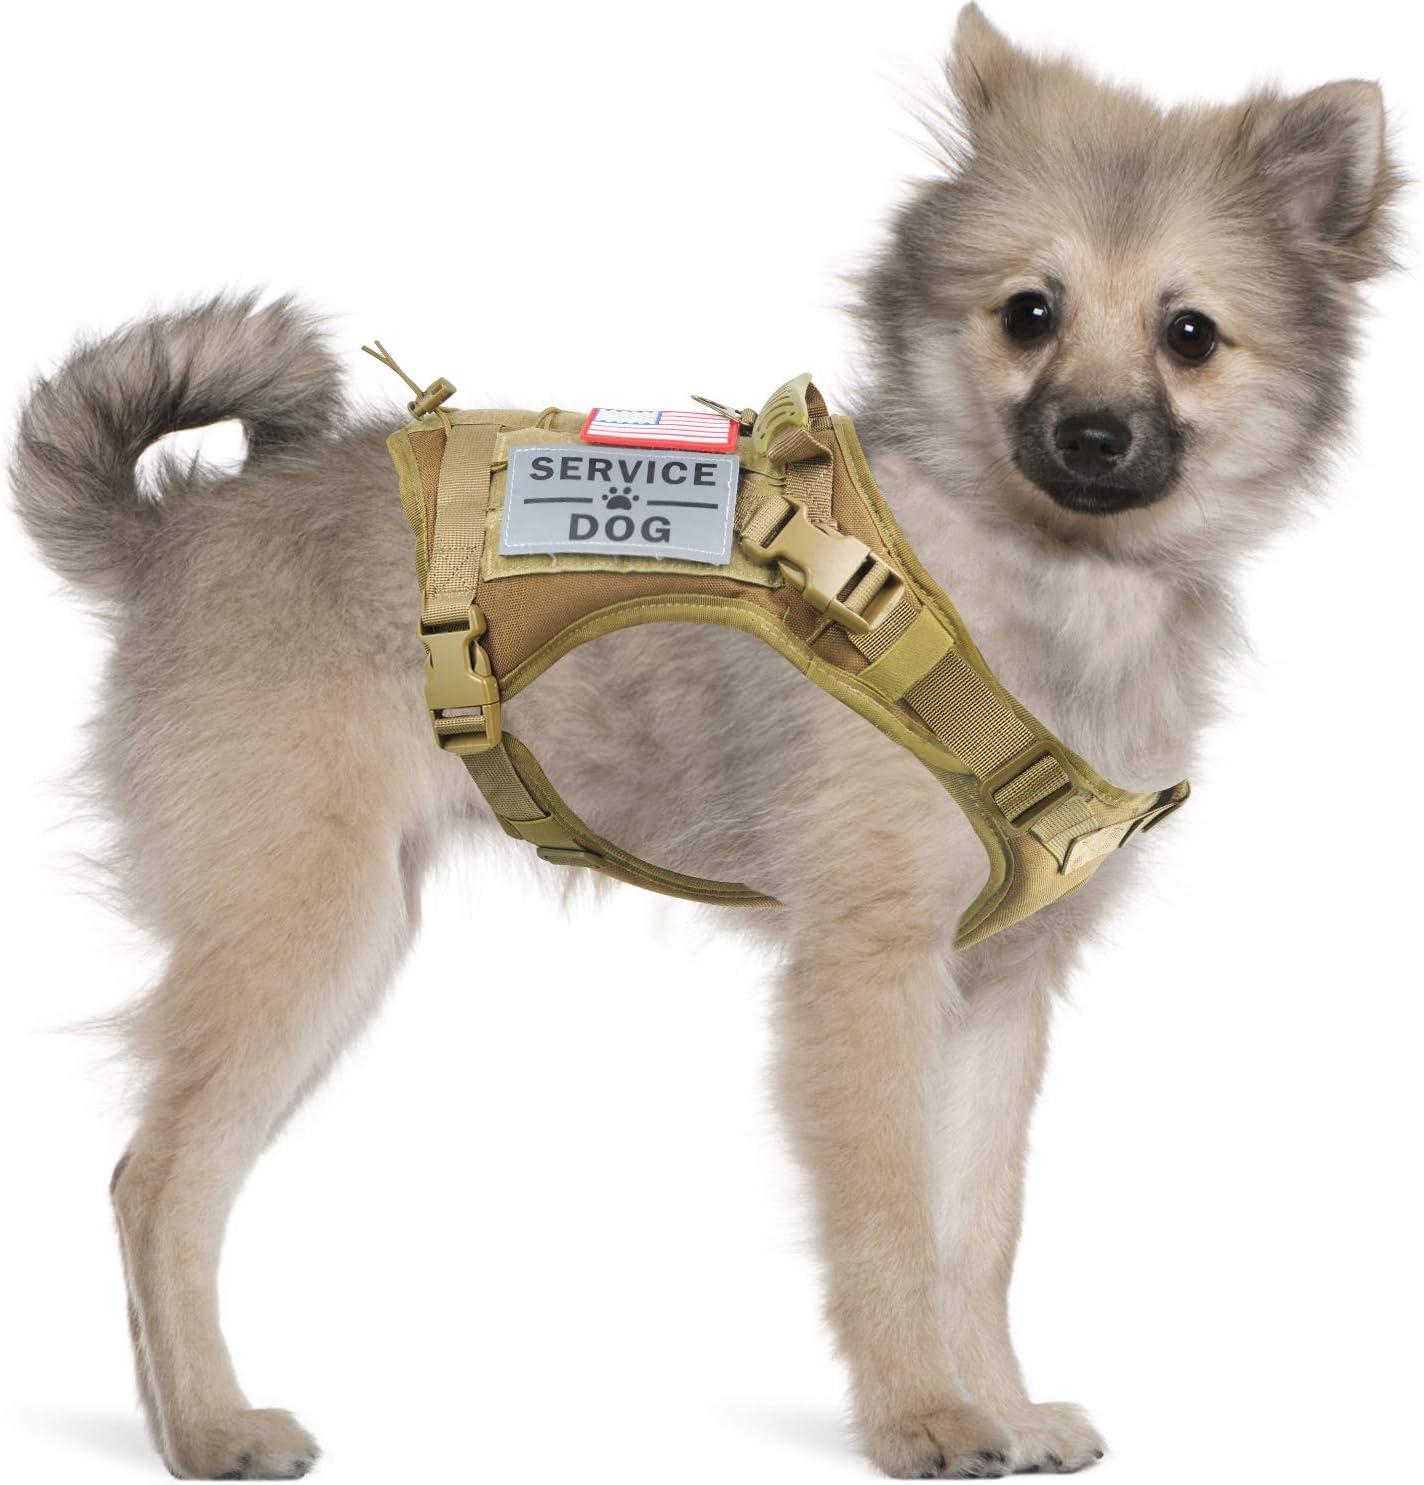 Tactical Service Dog Harness Vest Water-Resis K9 OFFicial site outlet Adjustable Work